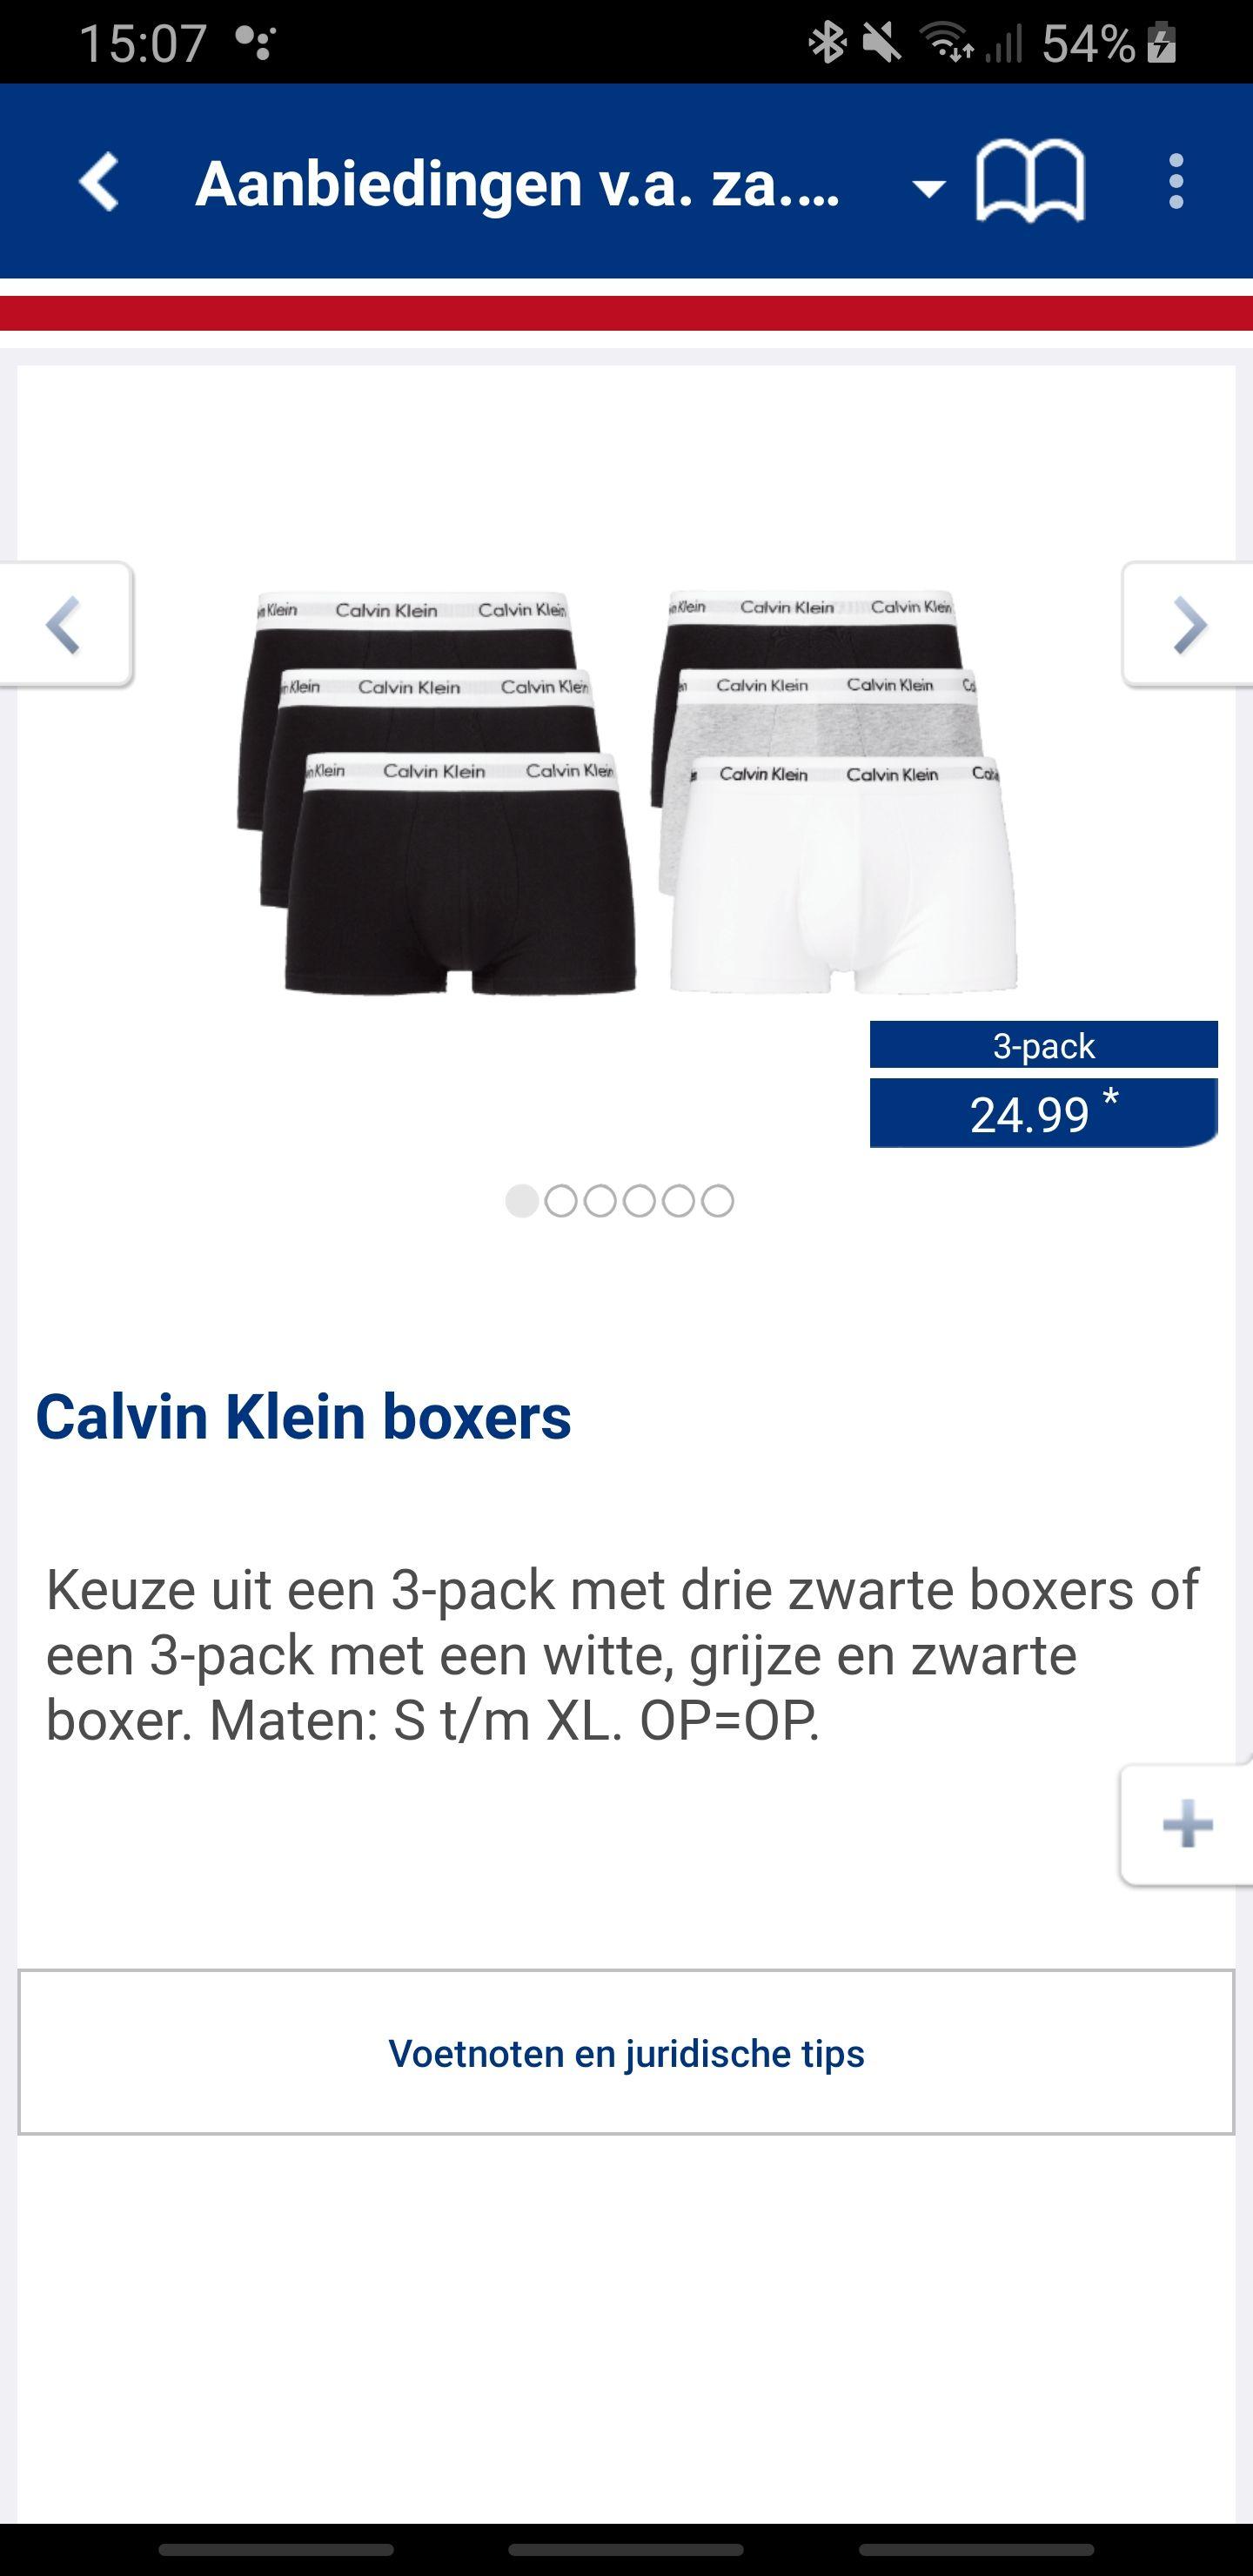 Calvin Klein boxers @Aldi